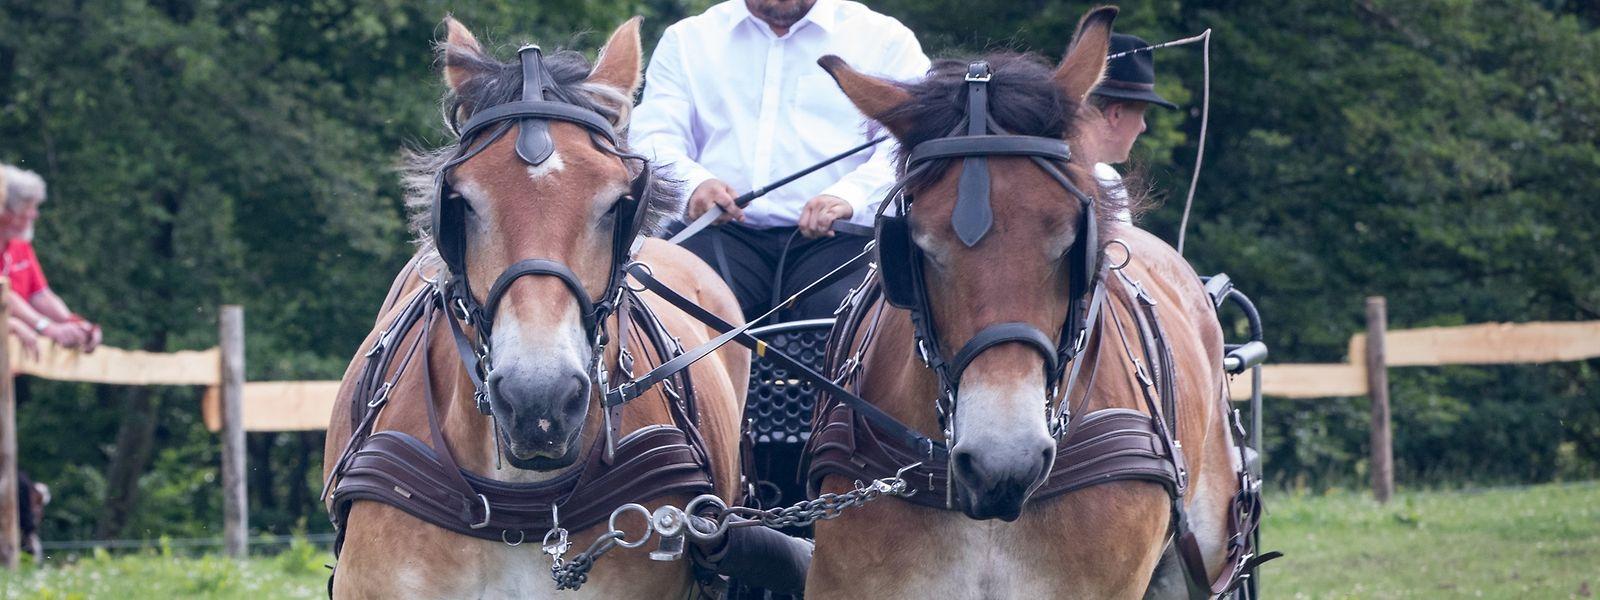 Ardenner Pferde sind robuste Tiere, die in der Vergangenheit in vielerlei Hinsichten die heutigen motorisierten Geräte ersetzten.